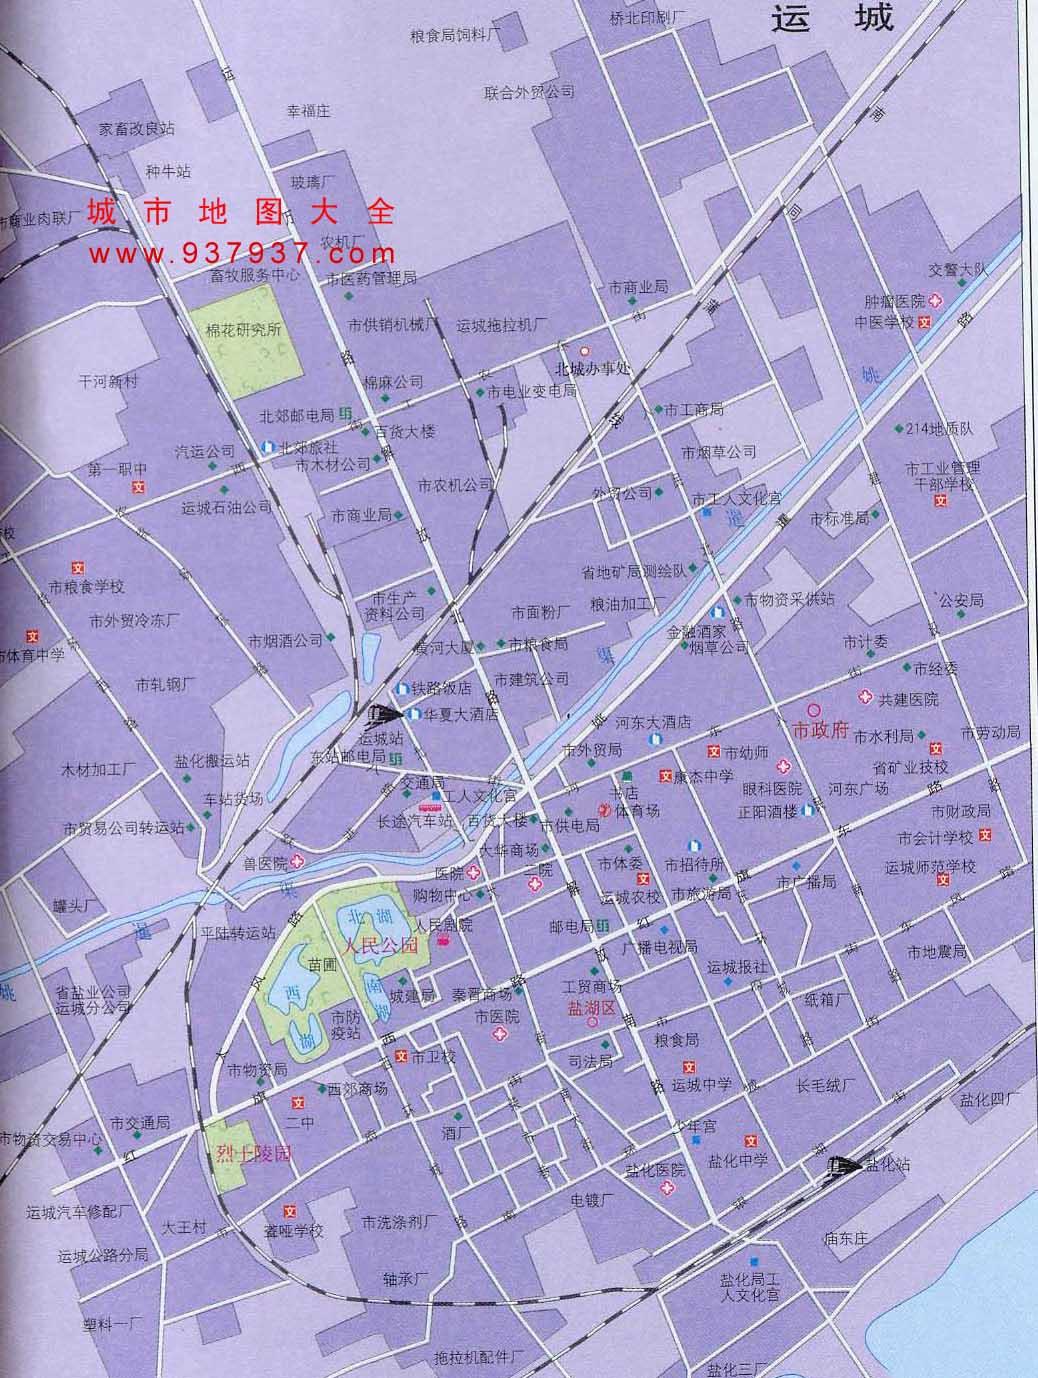 急求运城市地图一个,急用!